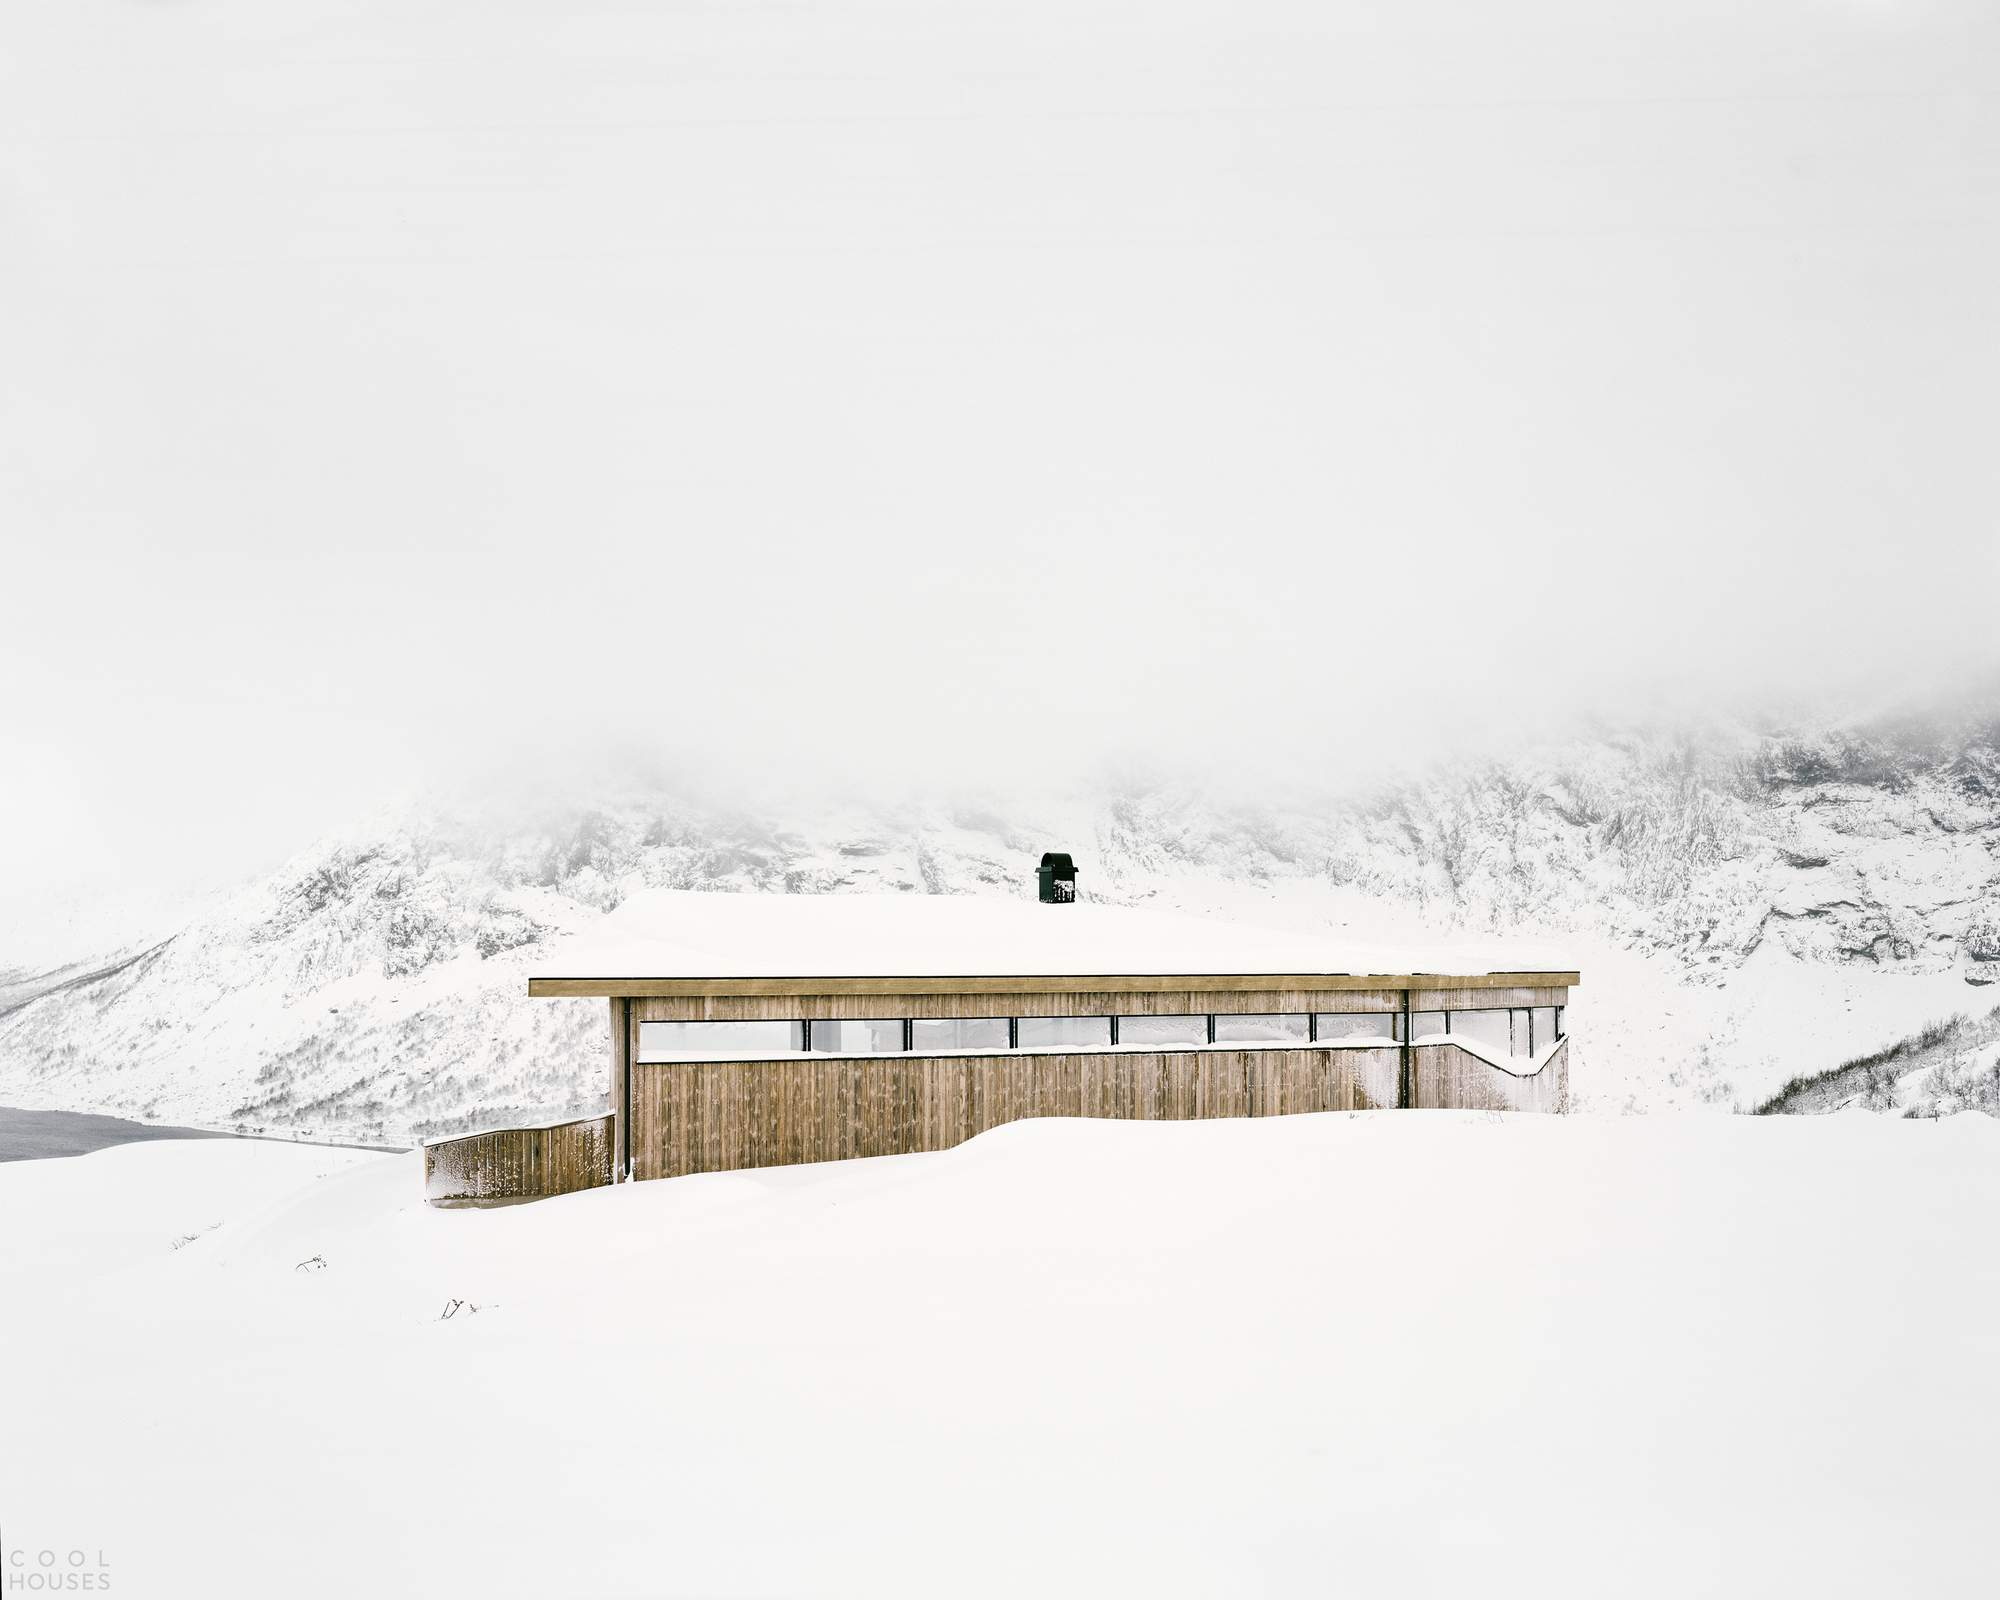 Сборный домик Gubrandslie Cabin в горах Норвегии